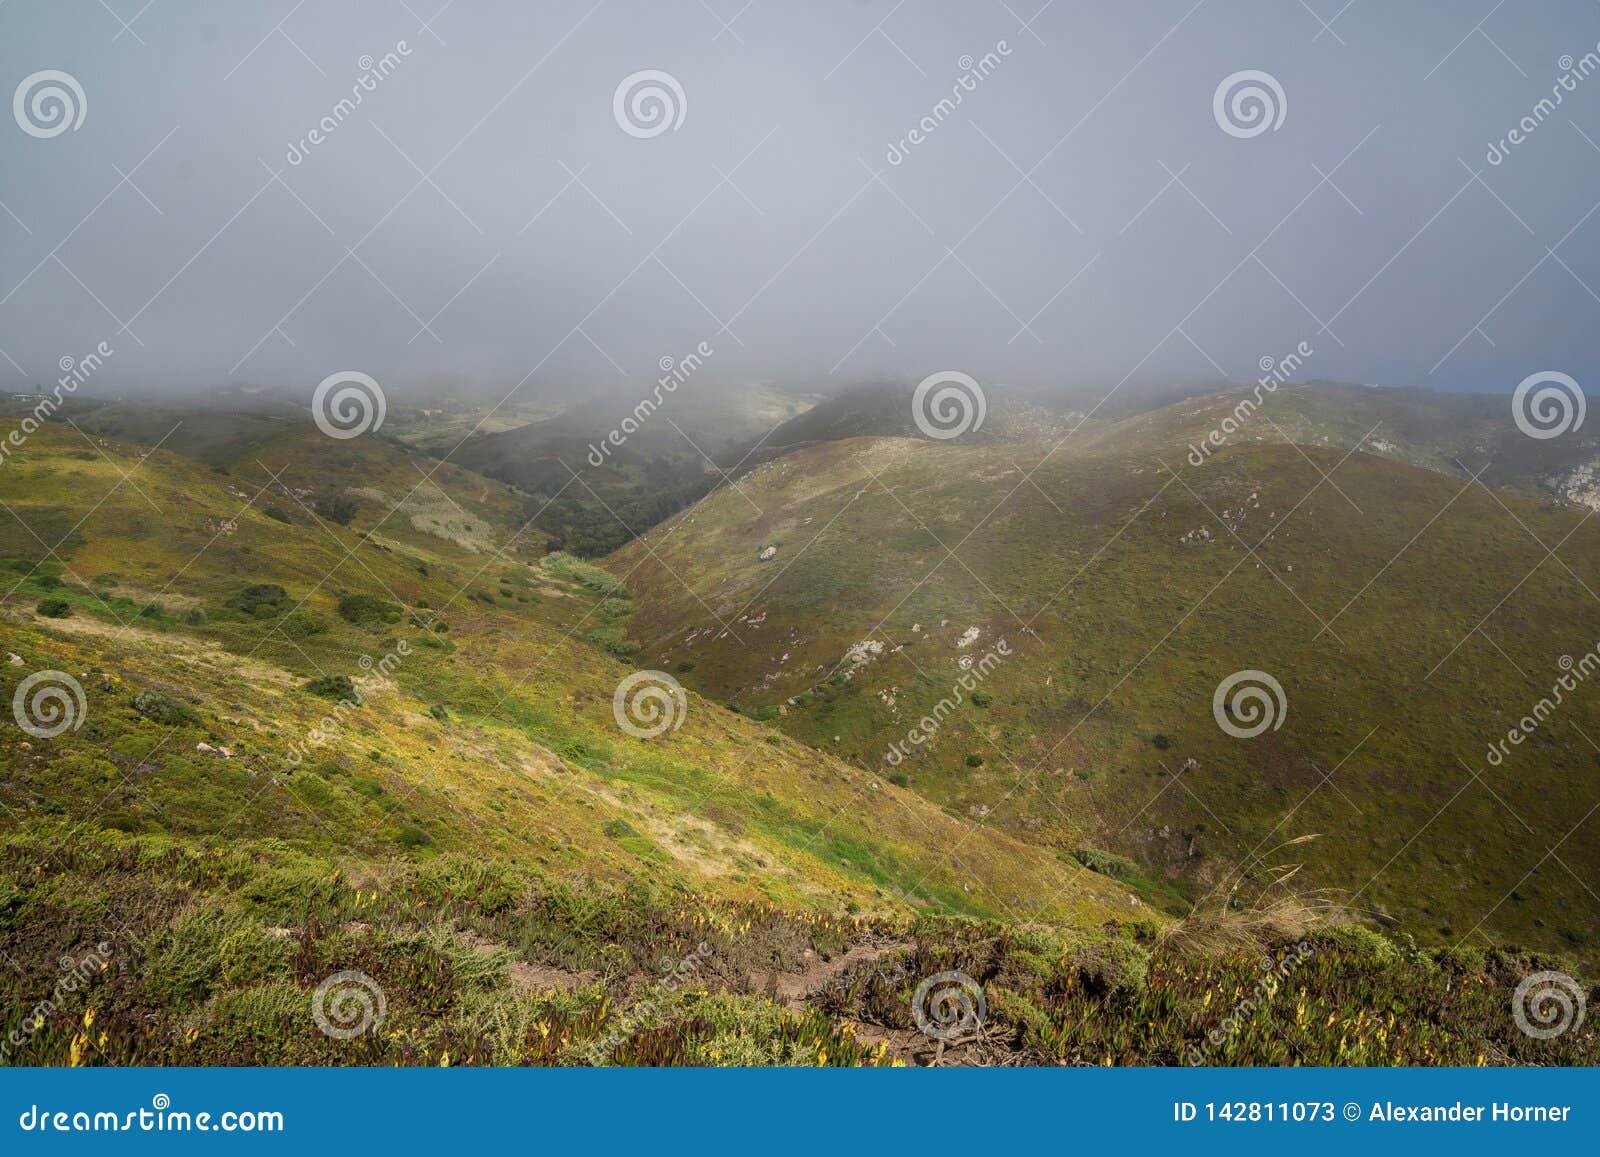 Colinas de niebla cerca de cabo de roca